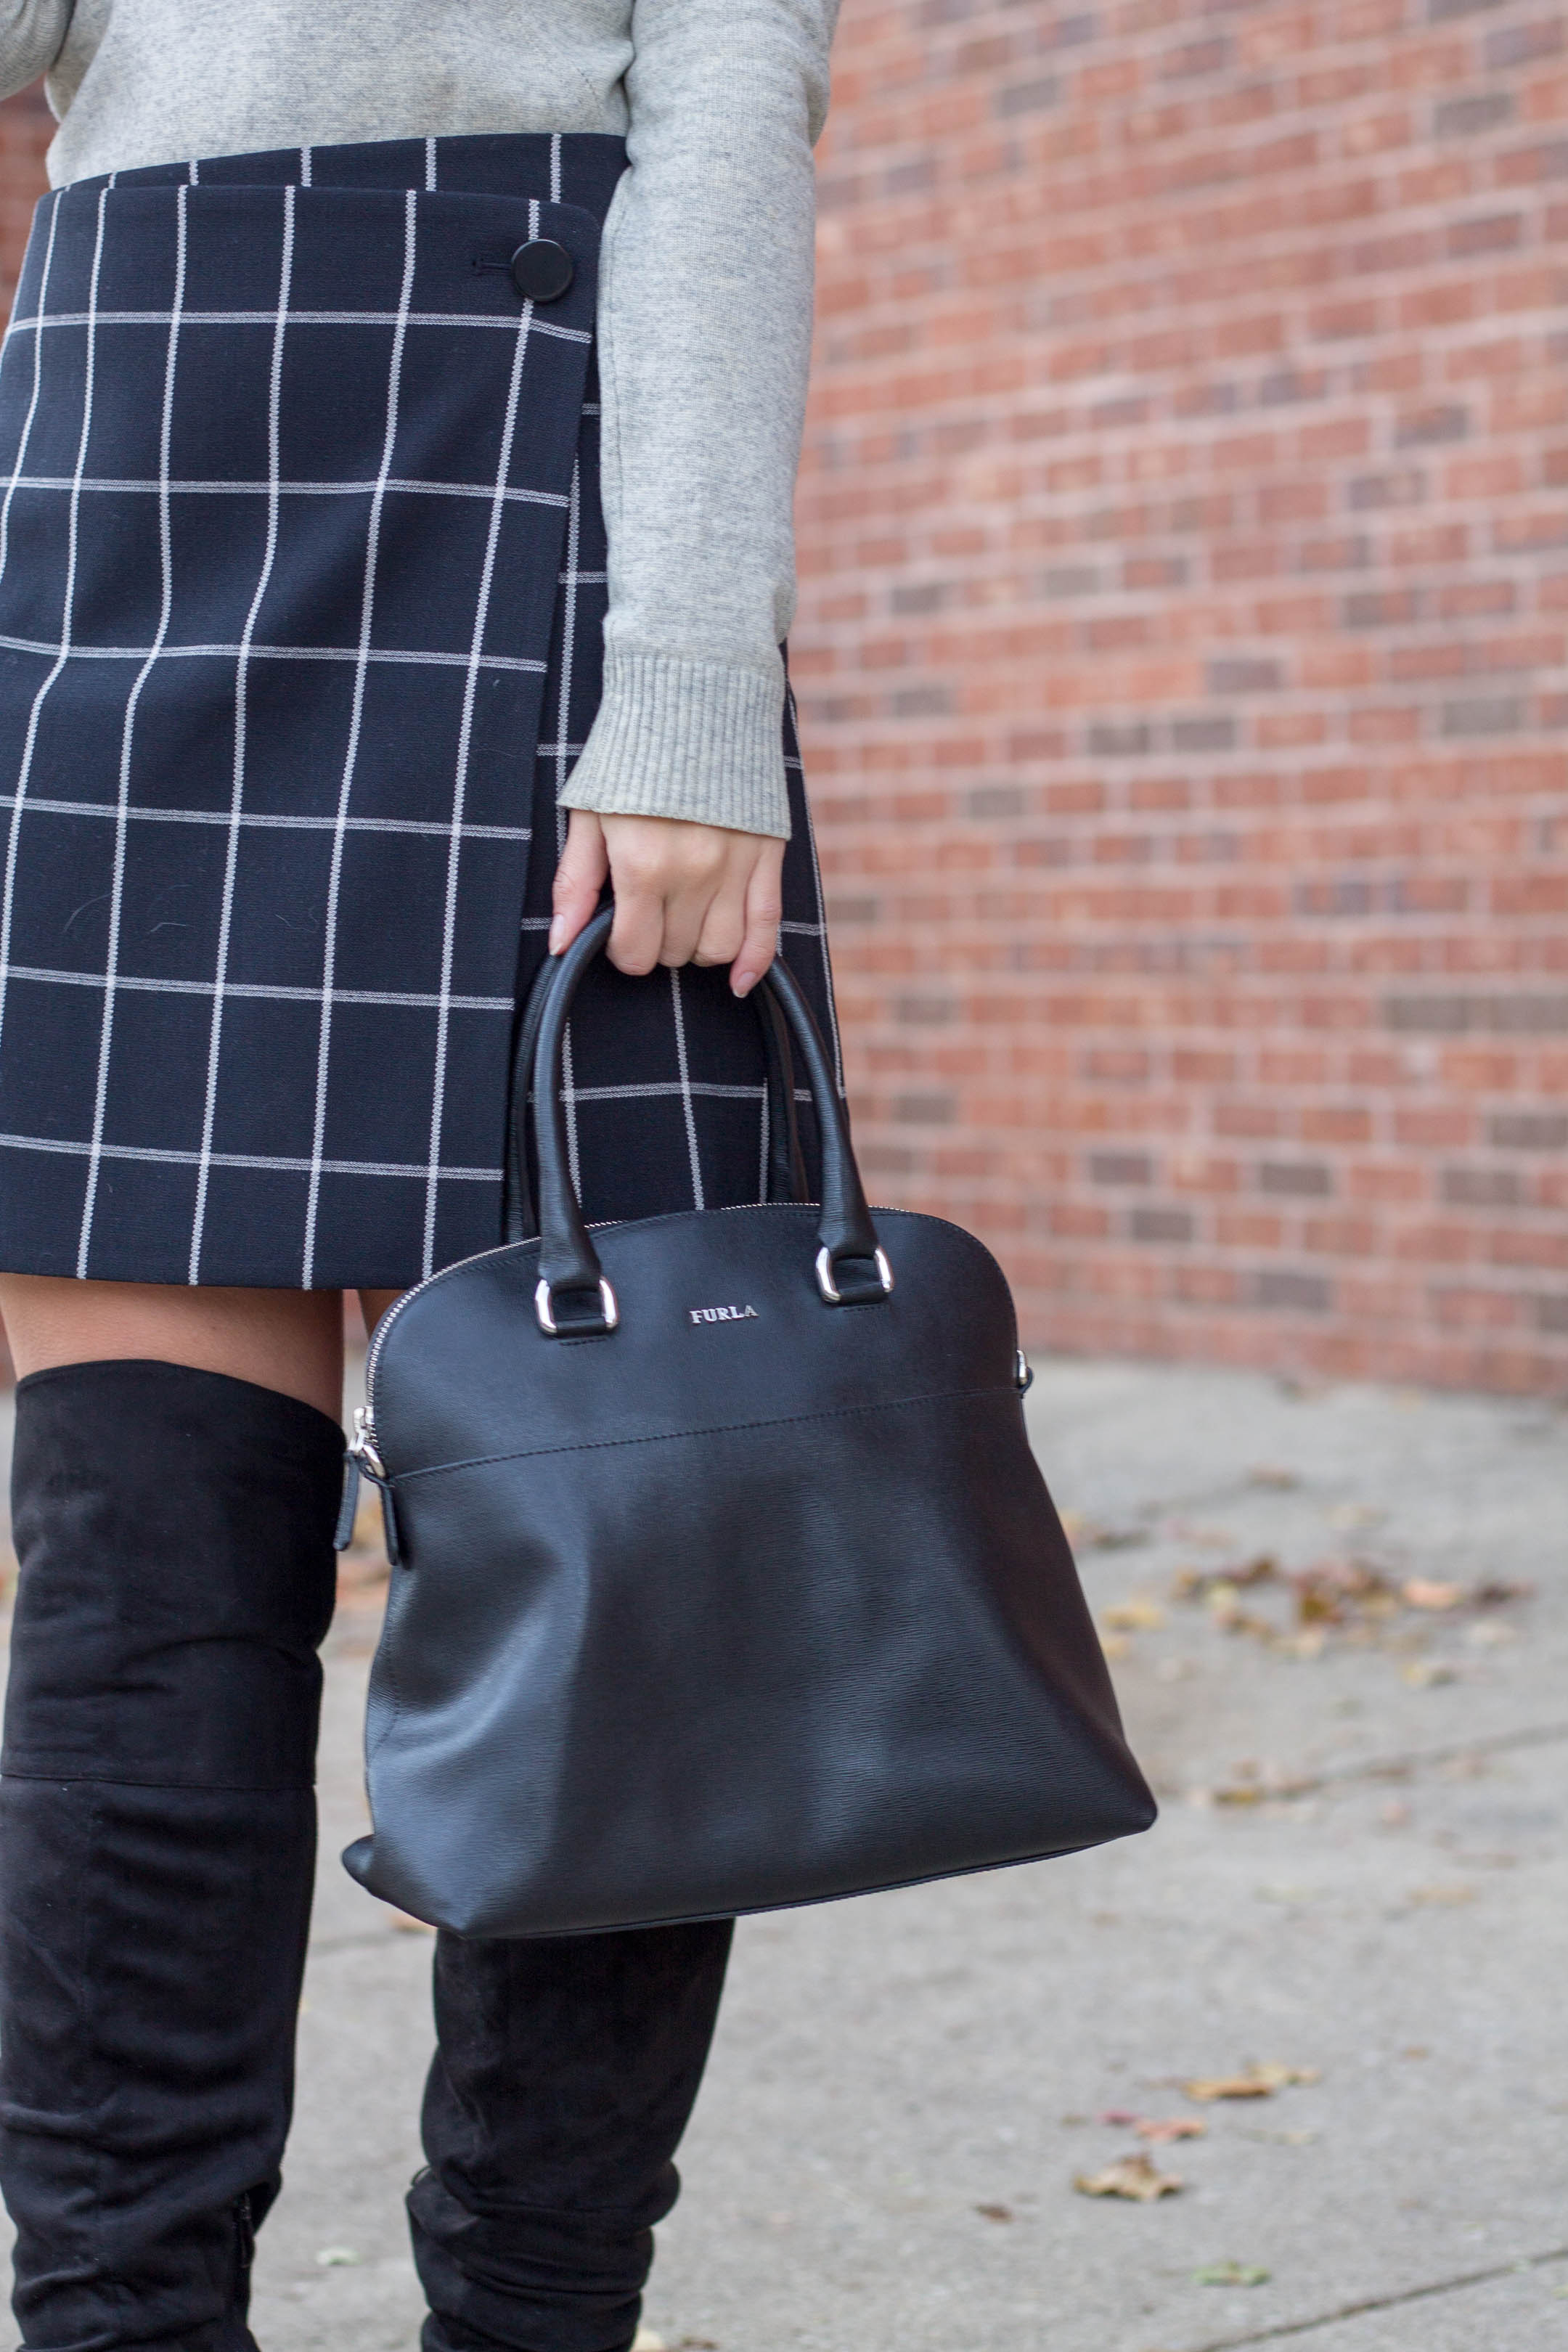 A black furla handbag